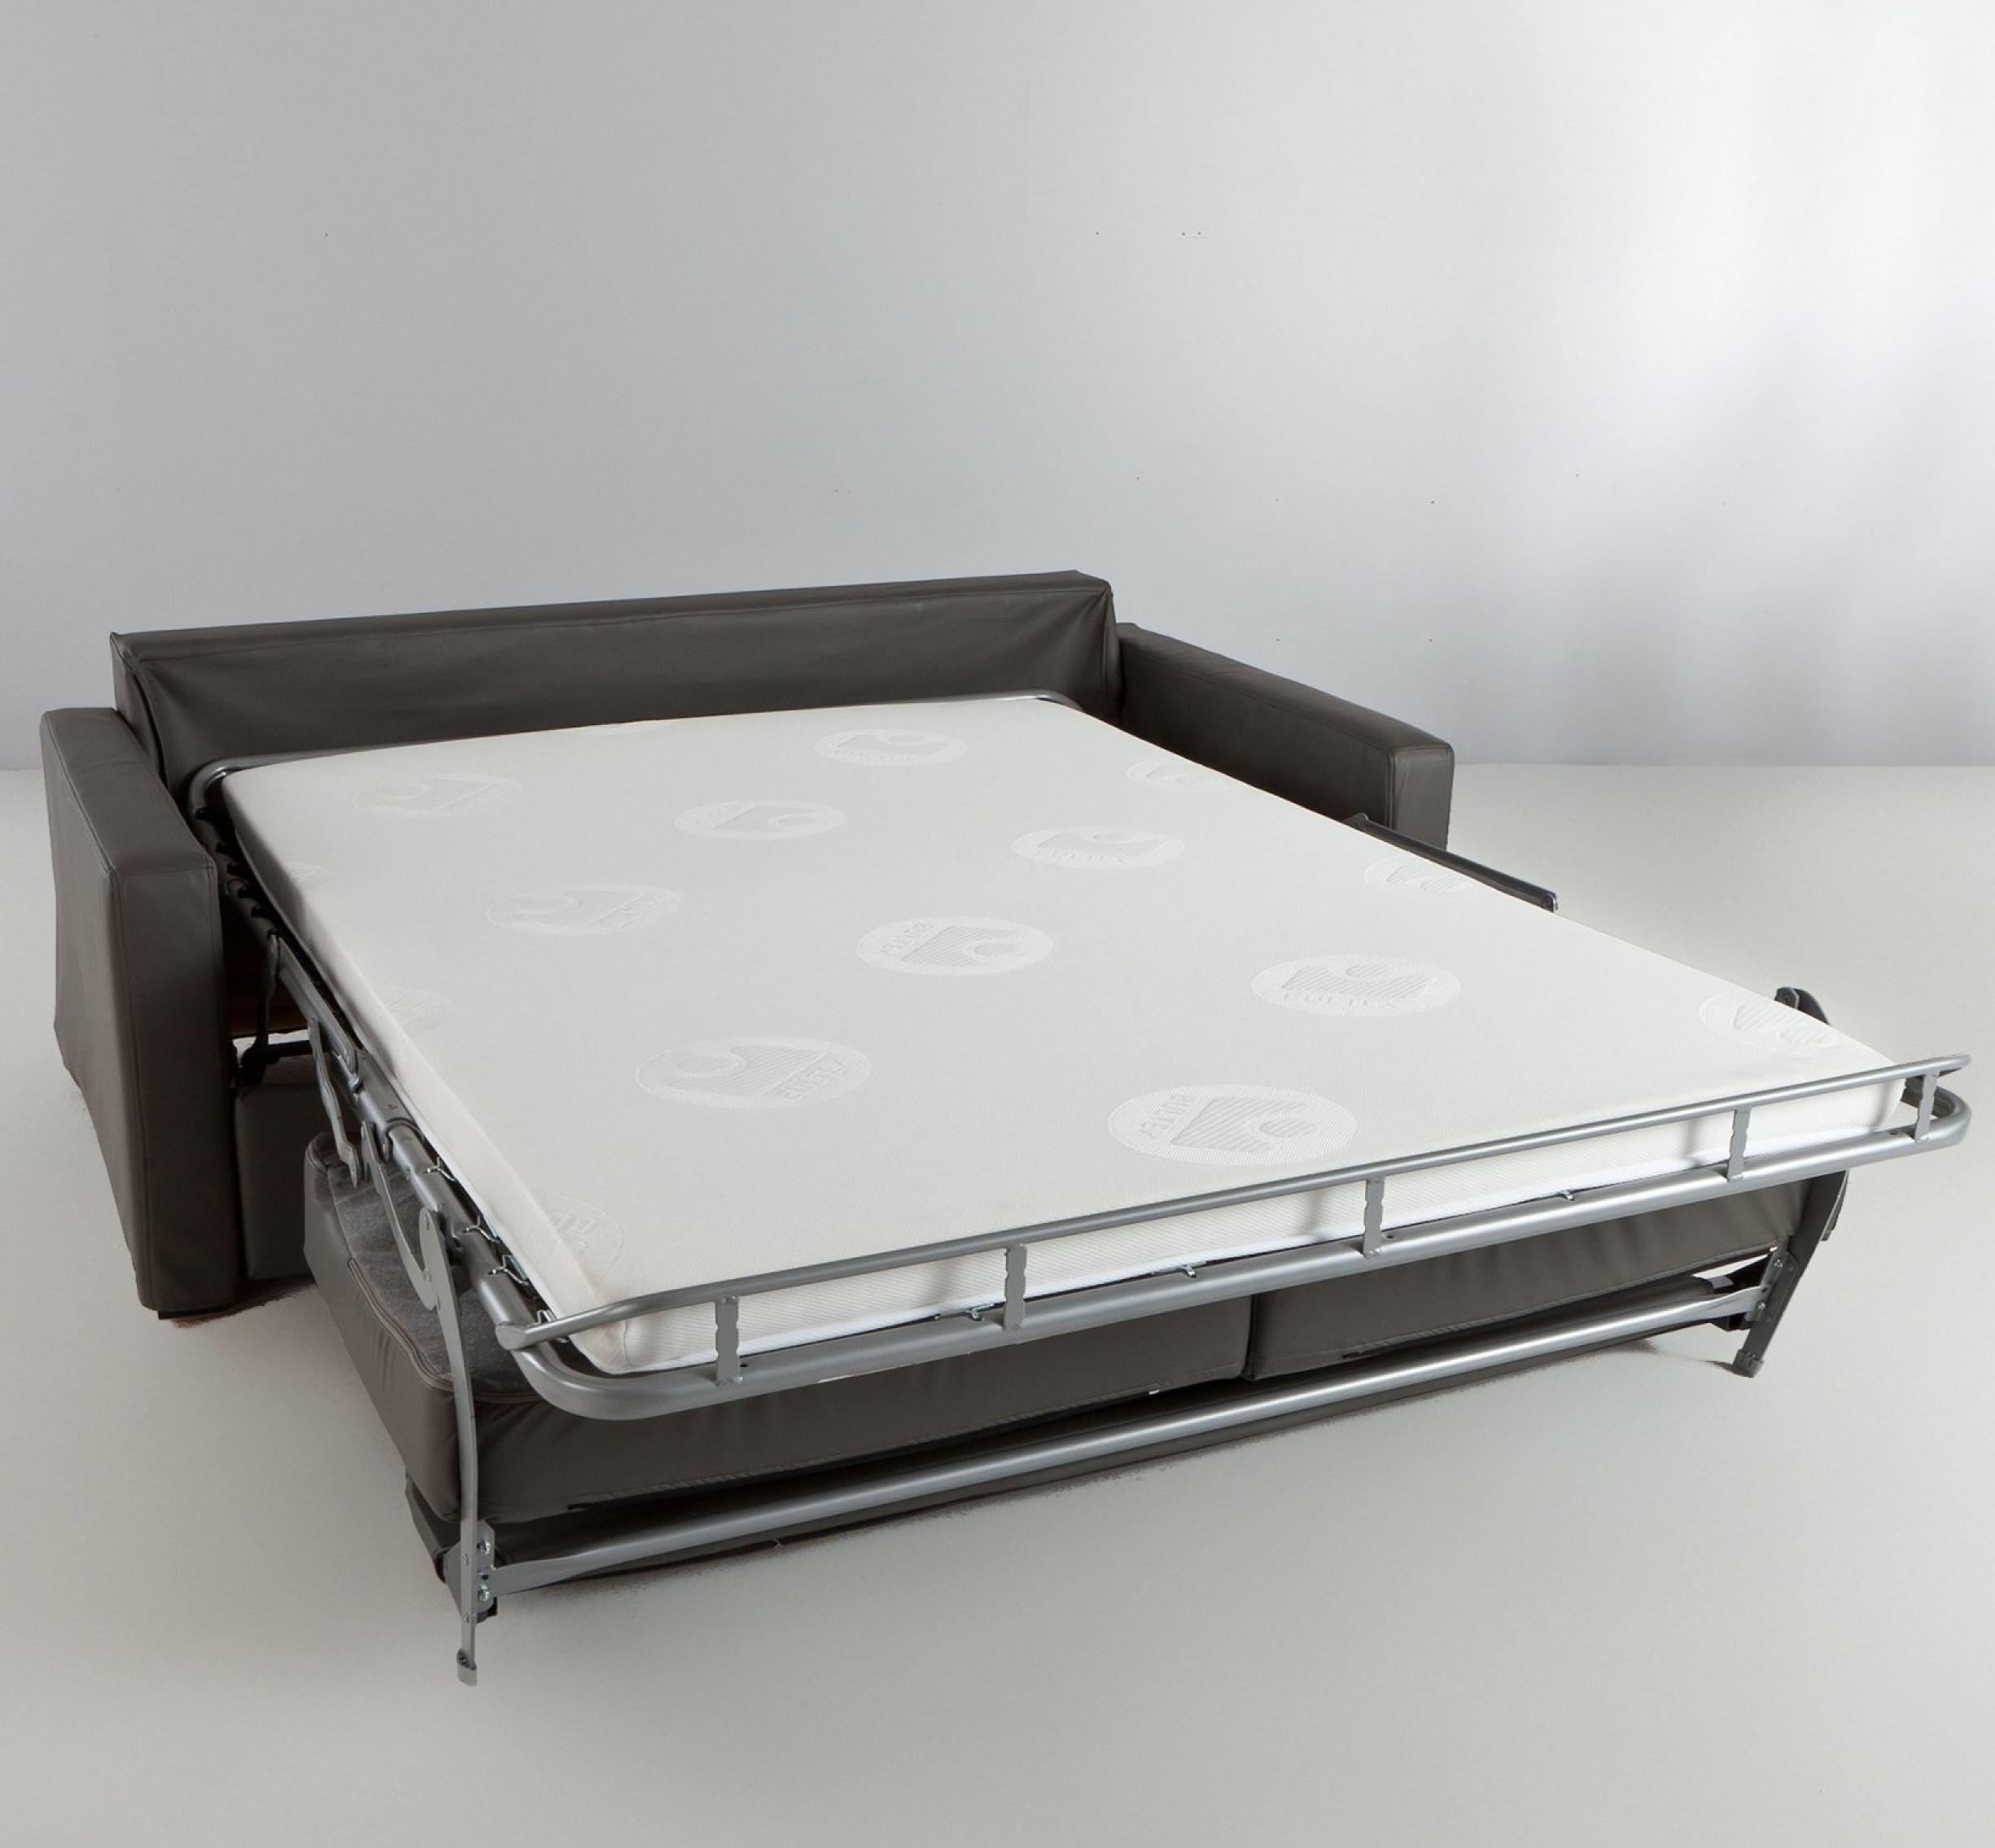 Lit Les Confortable Canapé Tous Photos Jours Pour tsrChQd